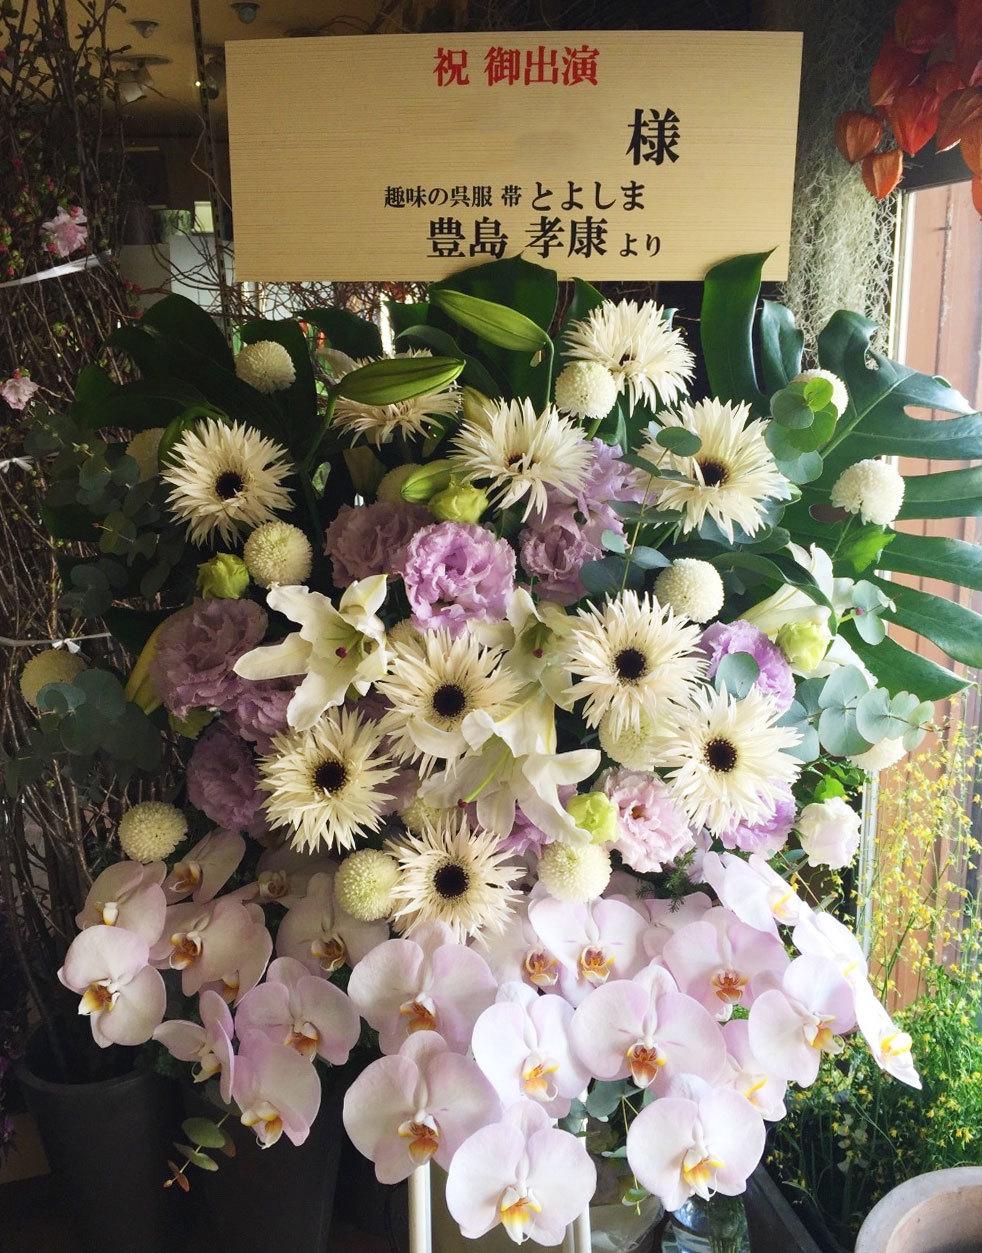 公演祝いの胡蝶蘭のスタンド花